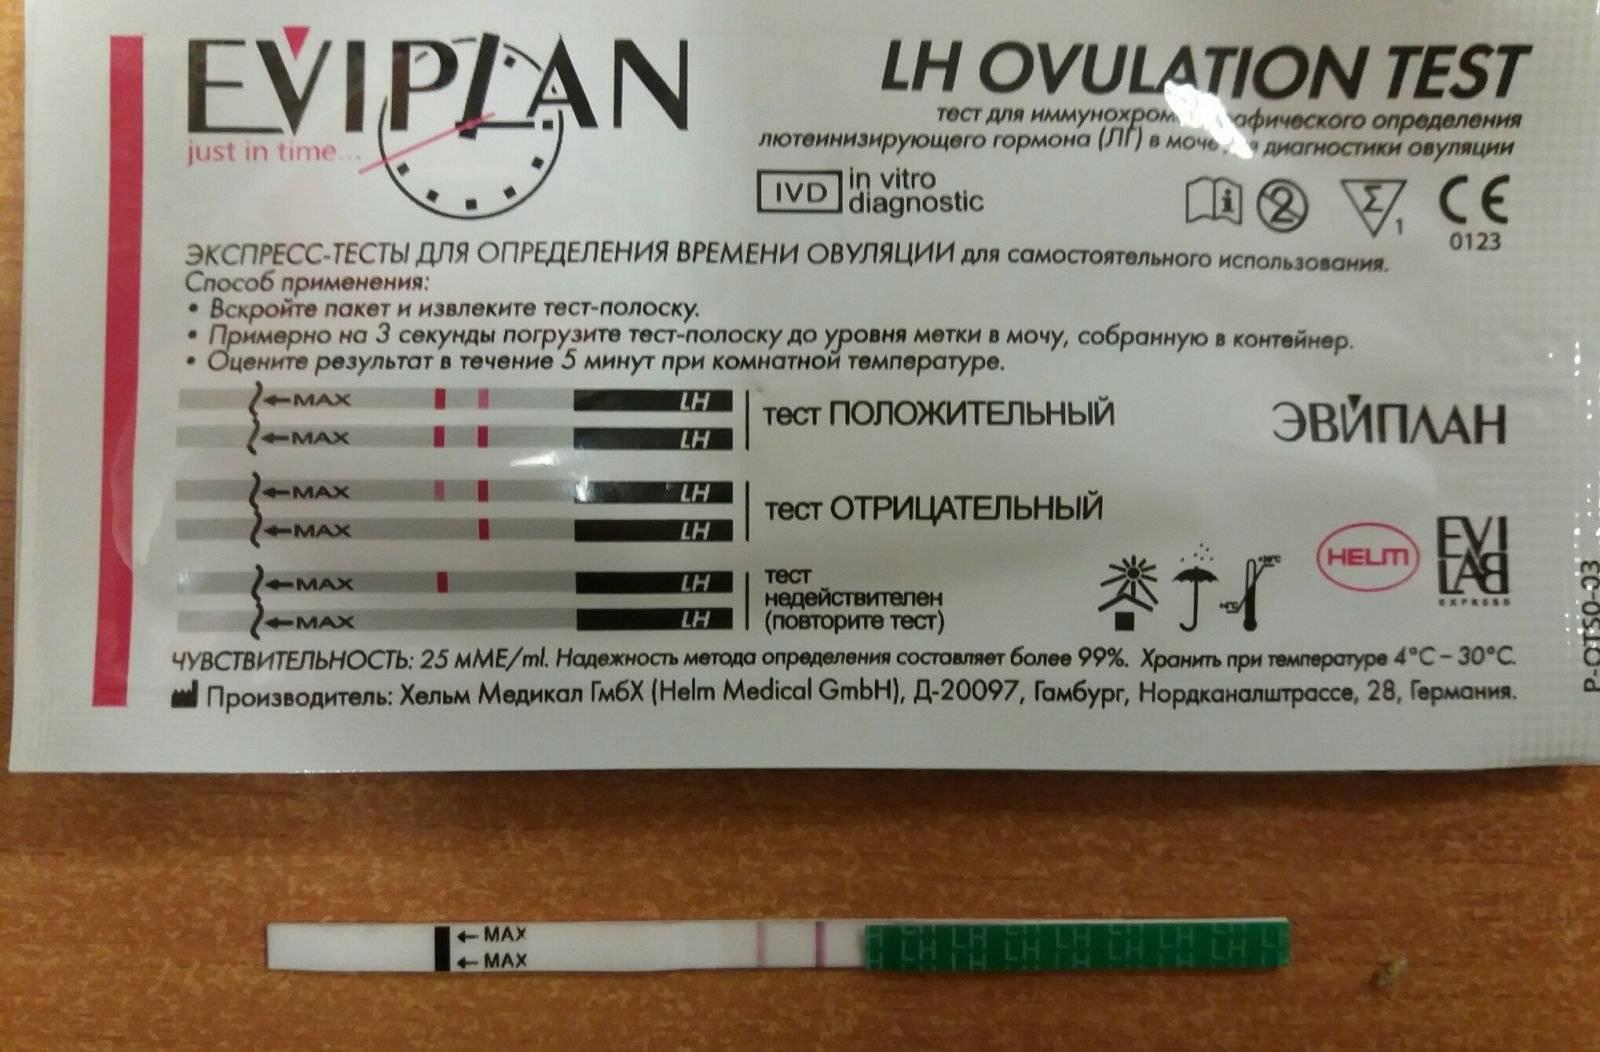 Тест на овуляцию показывает беременность - что это значит